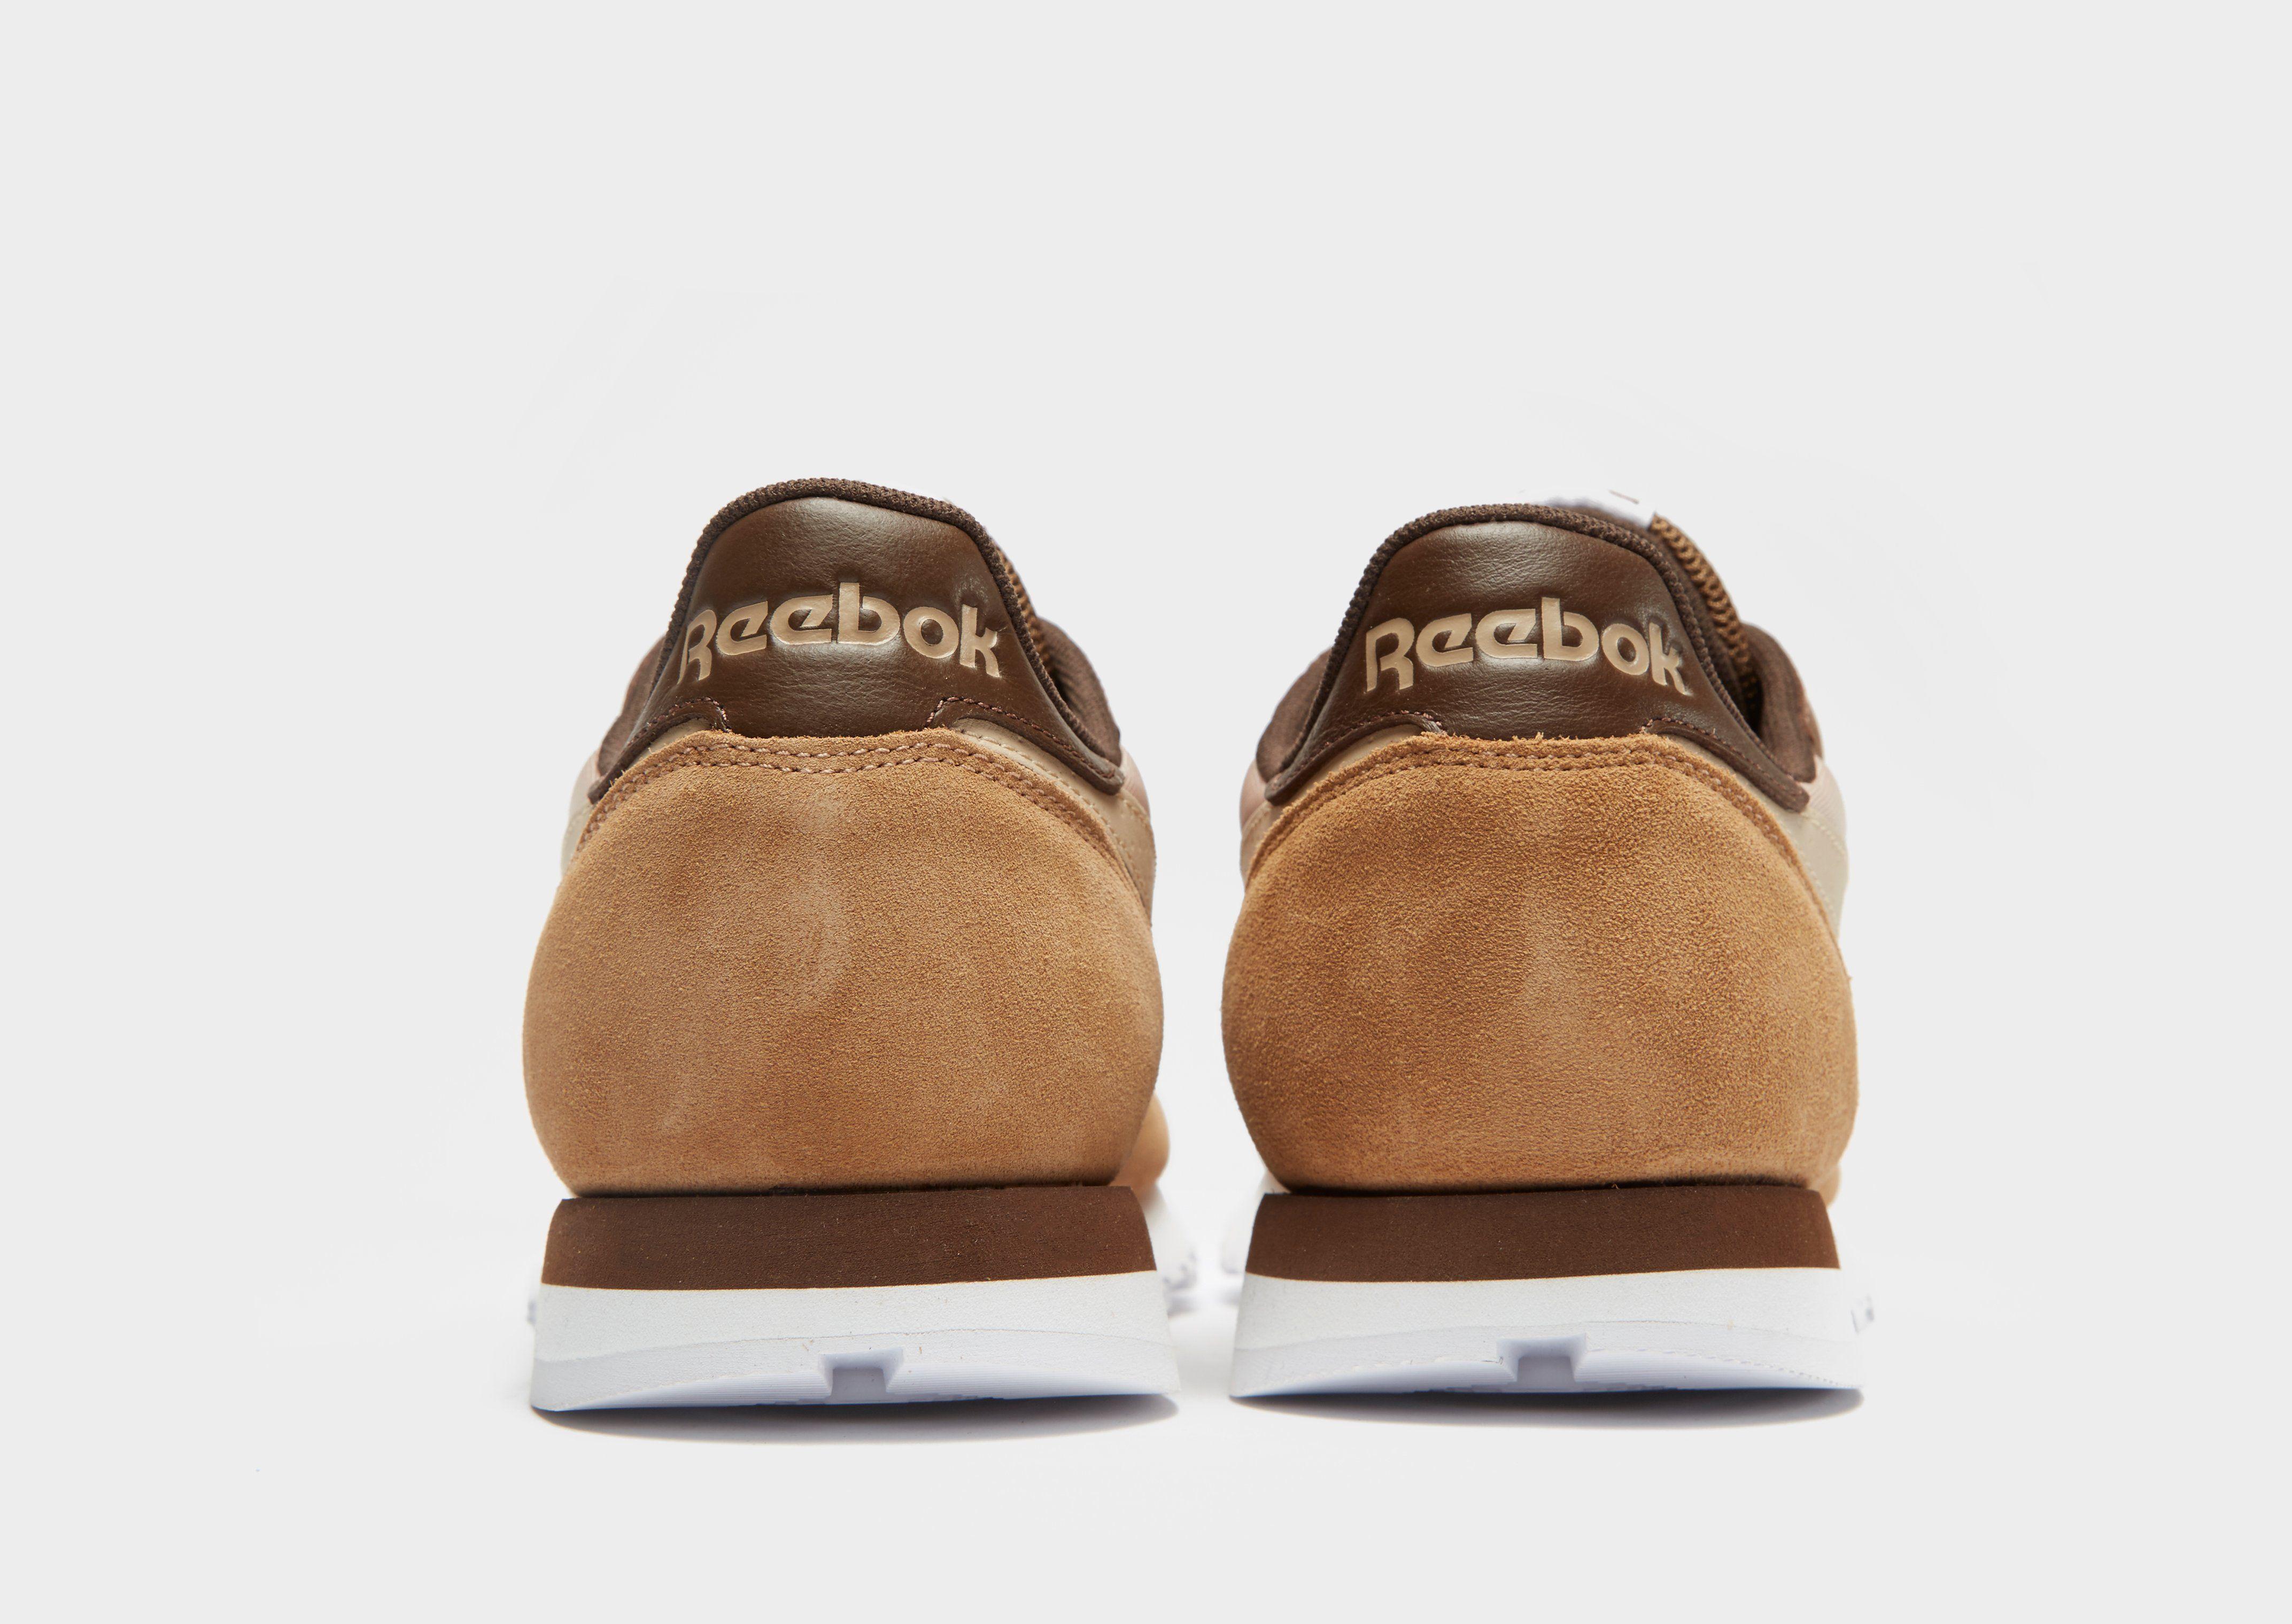 Wahl Bestes Geschäft Zu Bekommen Online Reebok Classic Leather MCC Braun Billig Verkauf Zahlen Mit Paypal Freies Verschiffen Verkauf 6IJW8CelD